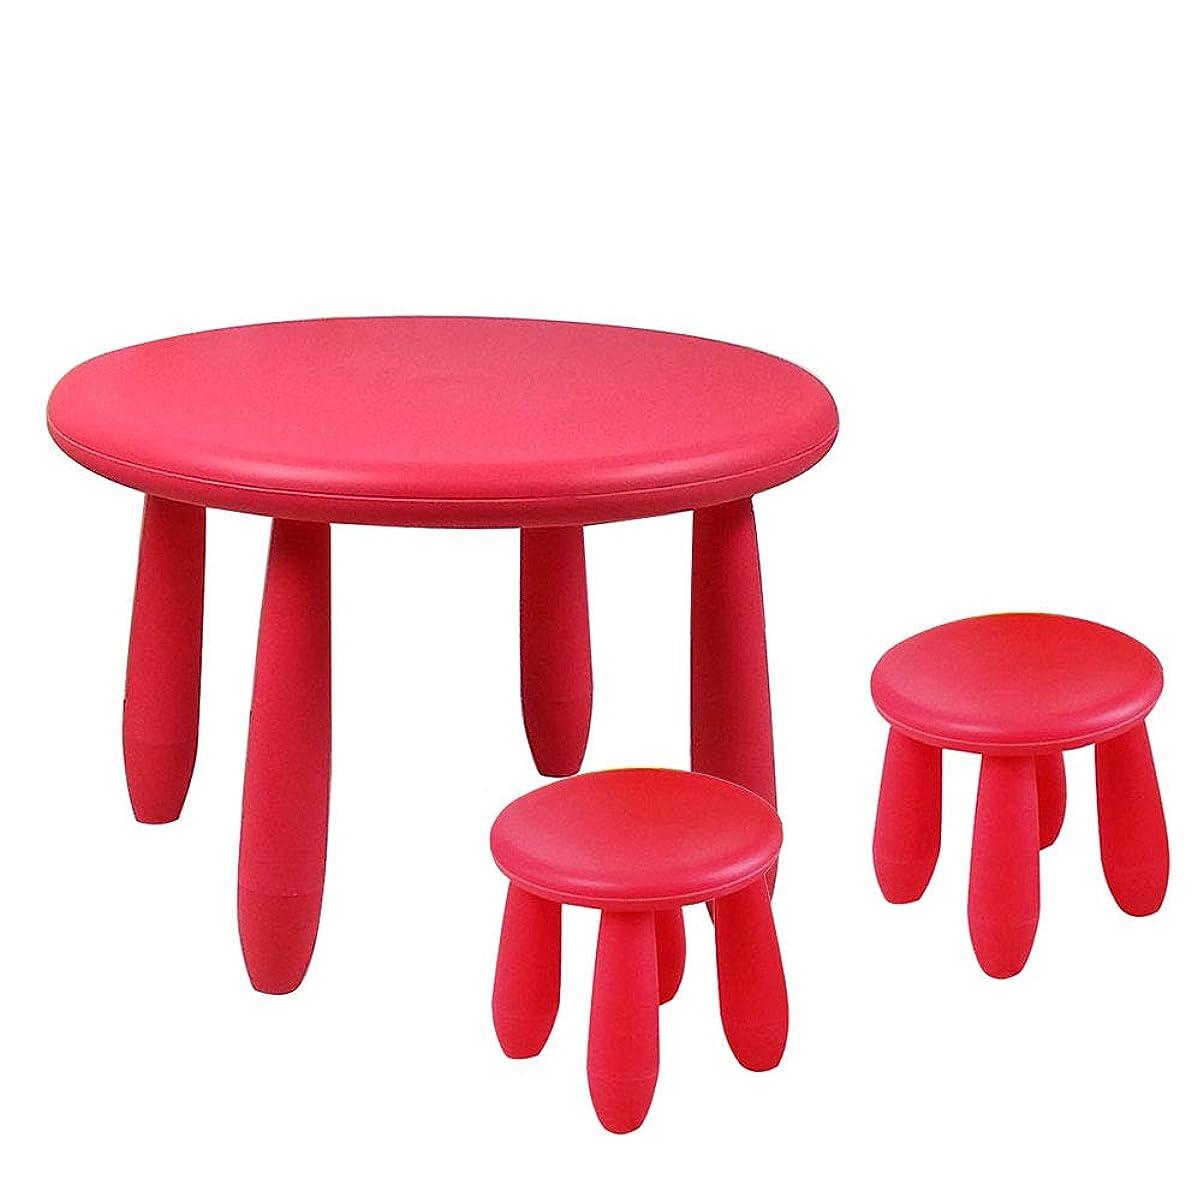 自治葉っぱ殉教者キッズテーブルとチェアセット、3個セット含めてラウンドクラフトテーブルと2つのスツール、幼児用プラスチック活動テーブル、子供の明るい色に適しています